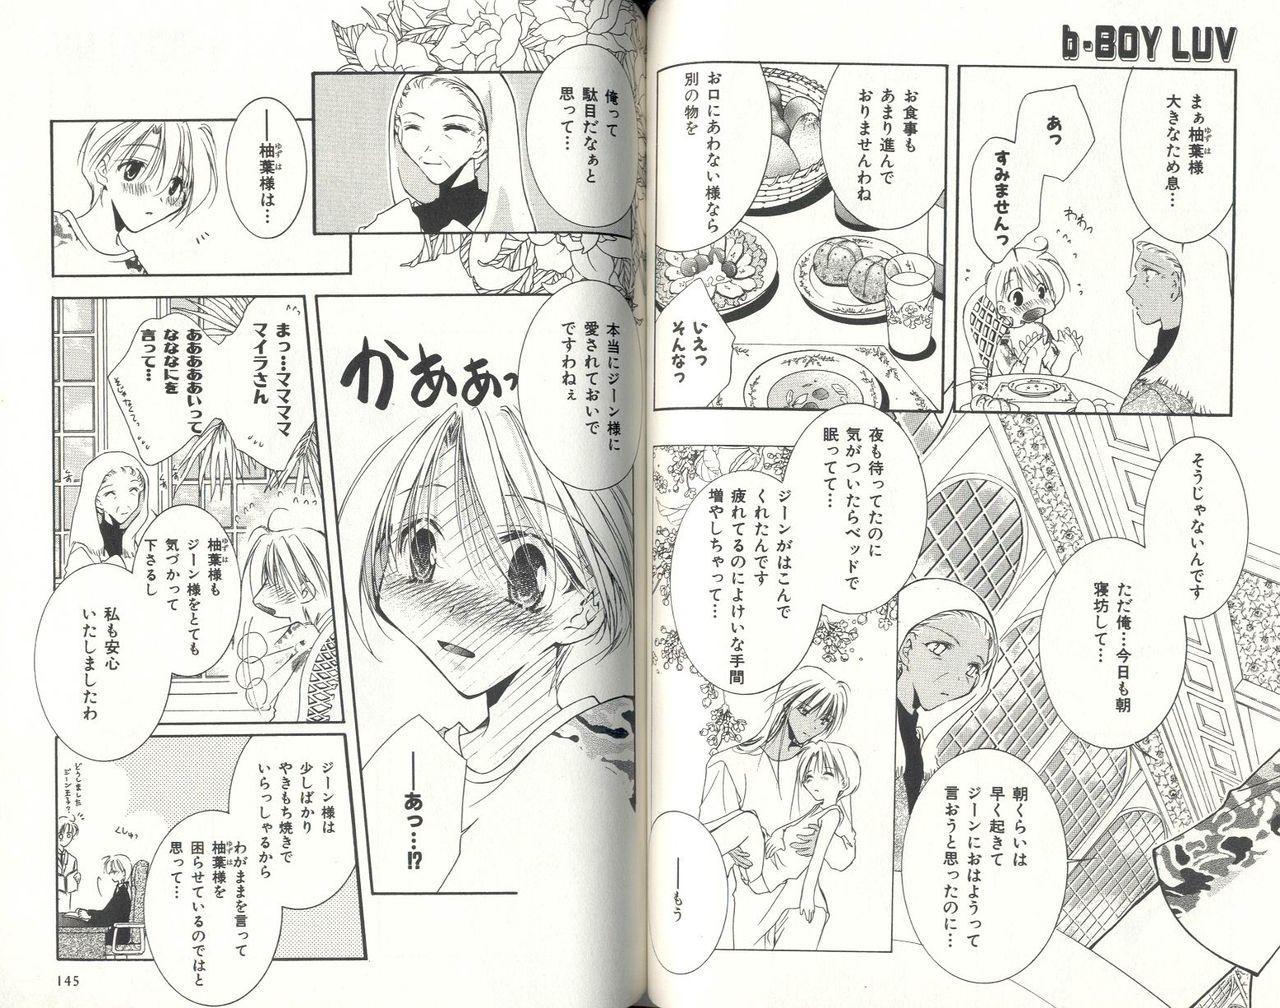 B-BOY LUV 03 SHIRU-DAKU特集 73